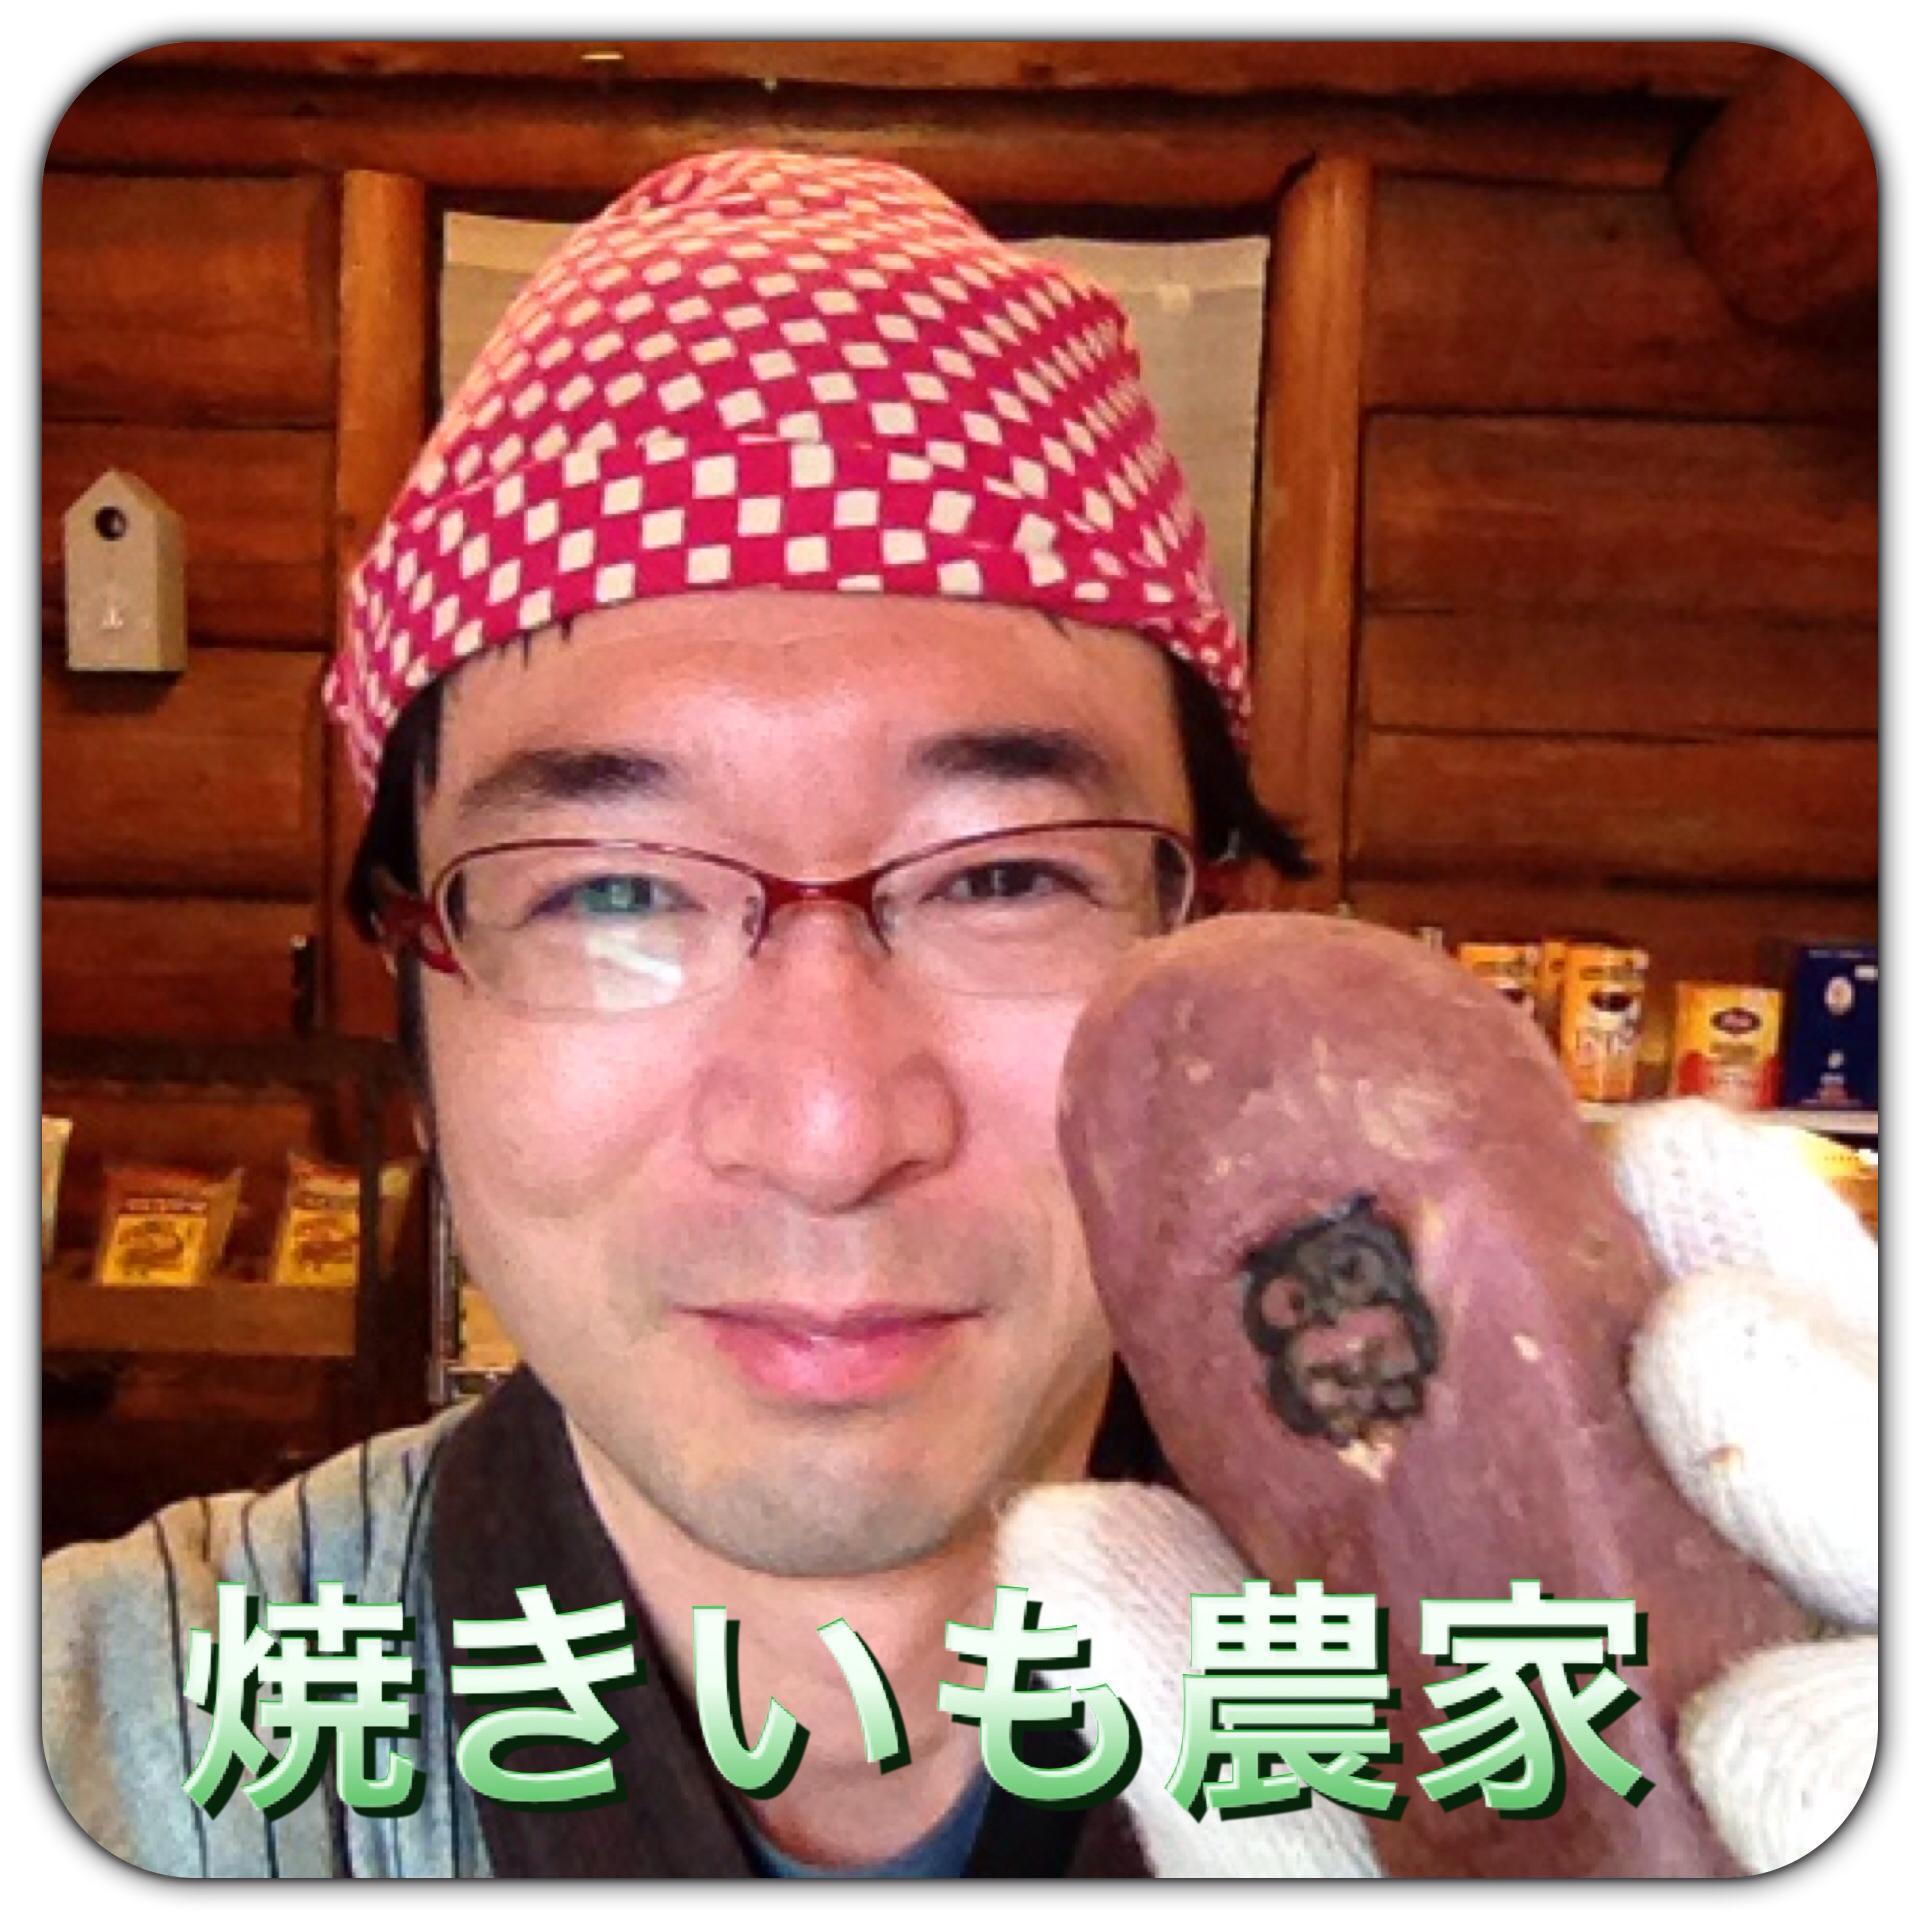 お客さまの声「バイラルメイクワークショップ」宮崎県でつぼ焼き芋の「もりのね・綾」を経営される成田祐樹さんより